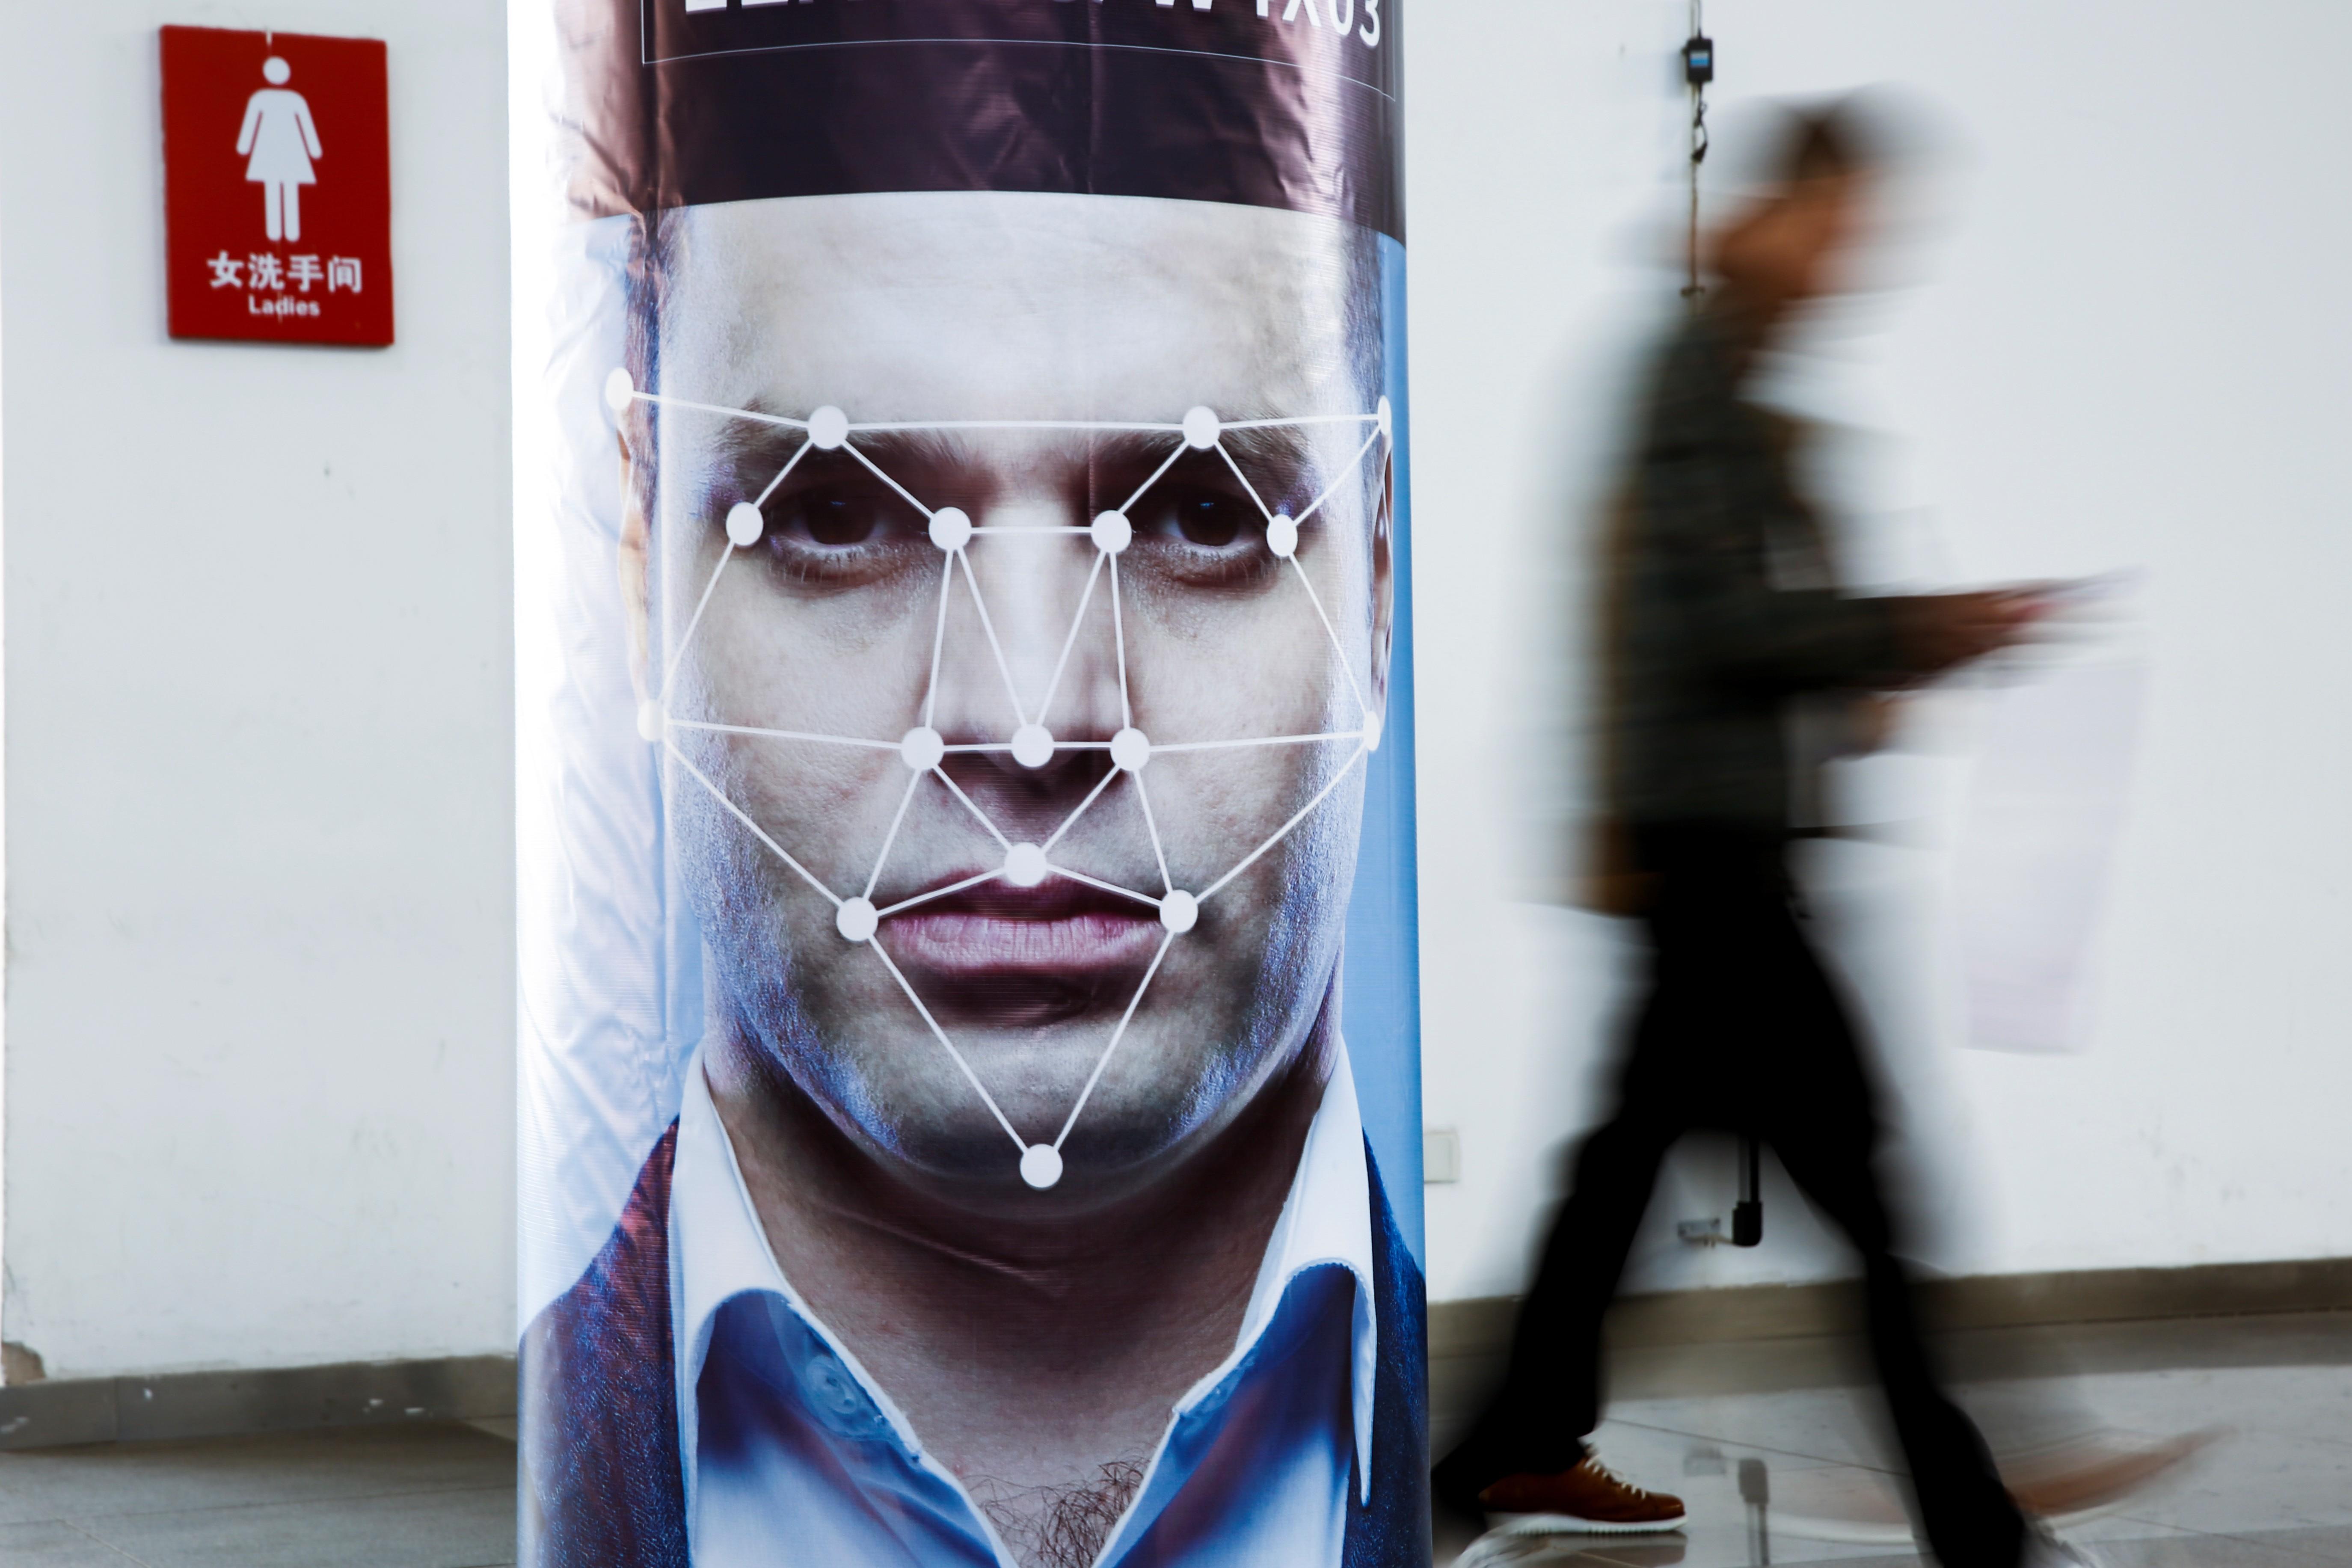 União Europeia propõe regras para inteligência artificial de 'alto risco'